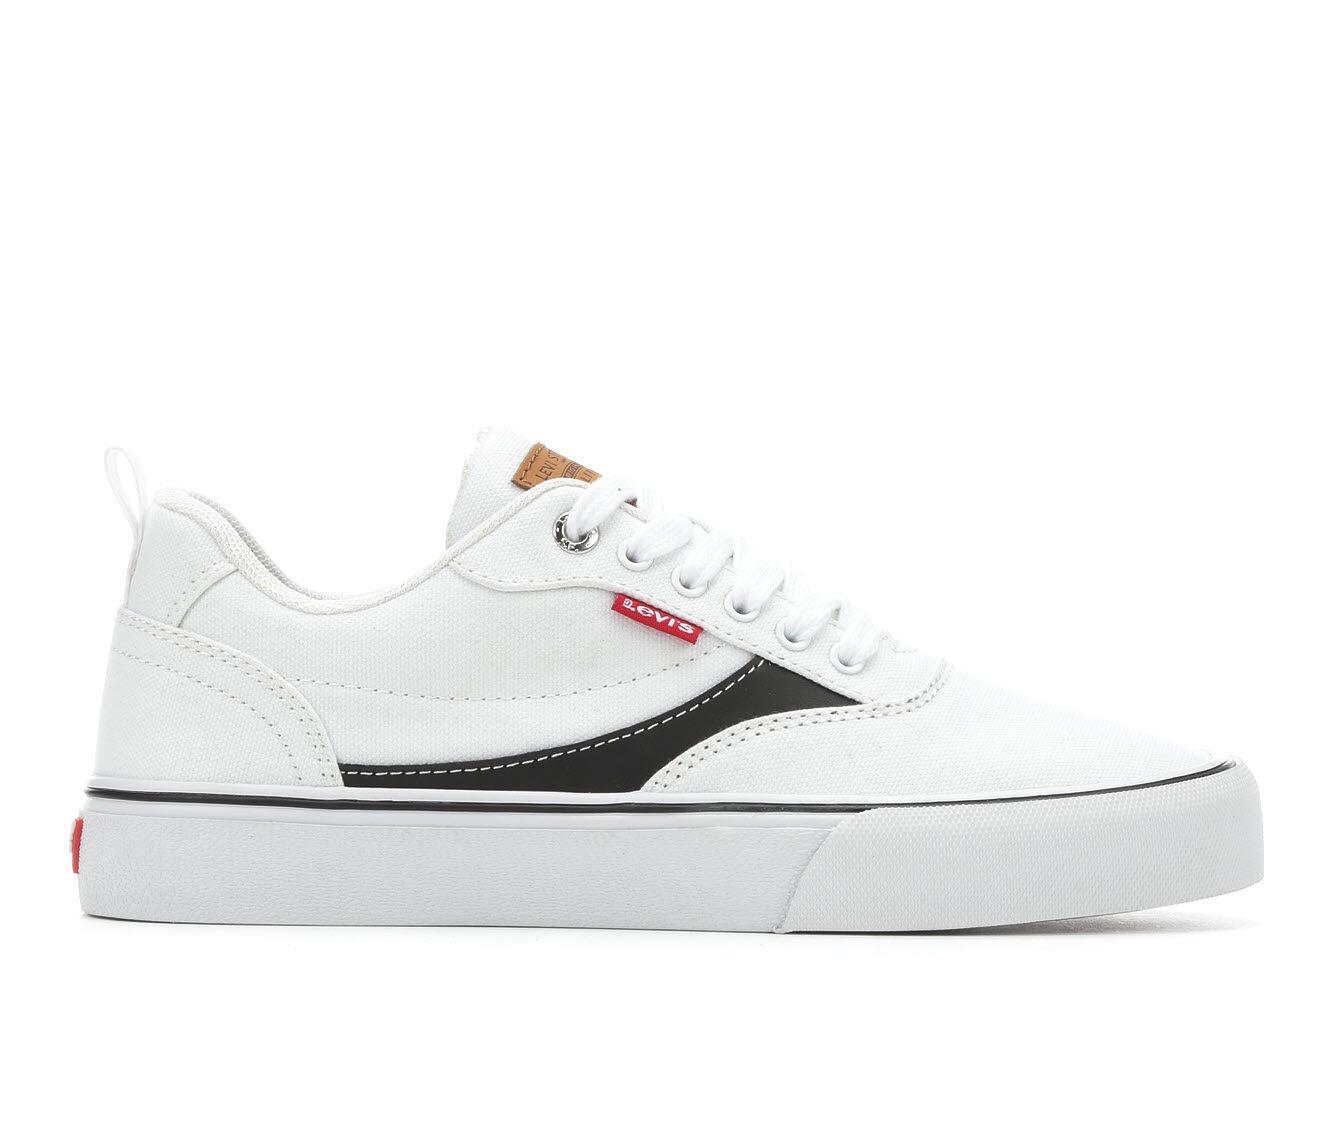 Levi's Shoes | Shoe Carnival